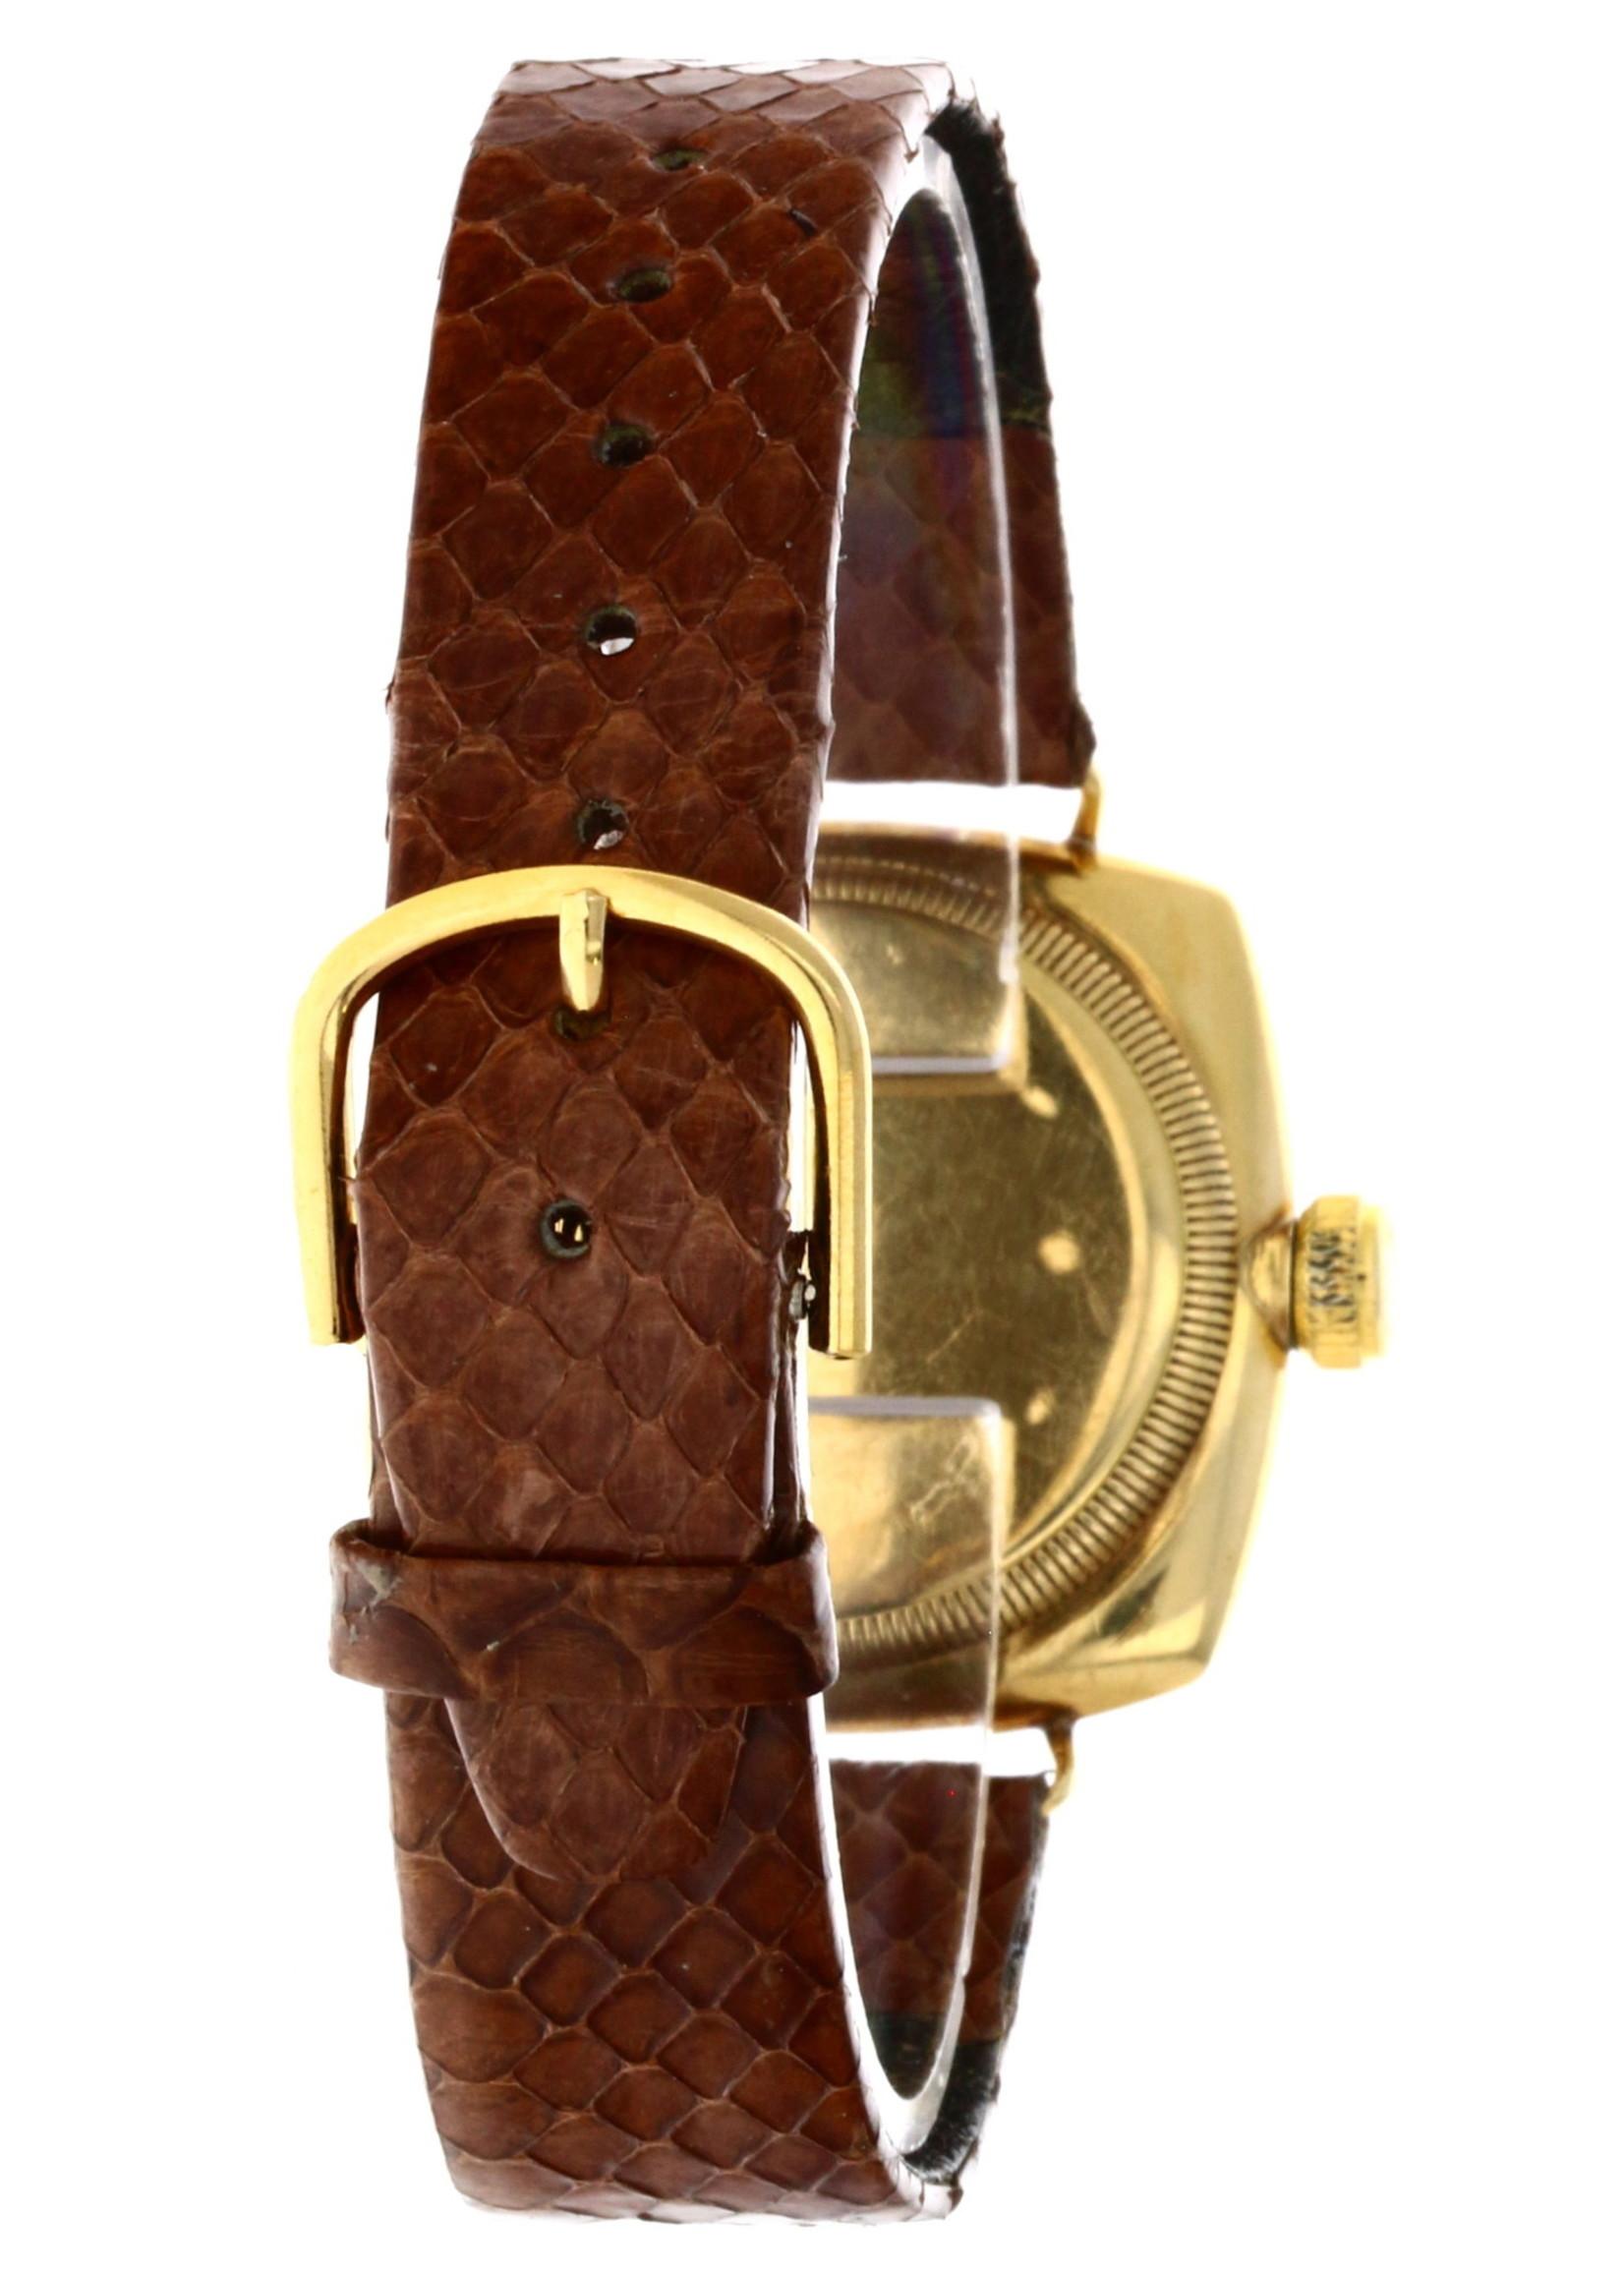 Rolex MINCKS ROLEX 16 WORLD RECORDS WATCH VINTAGE GOLD